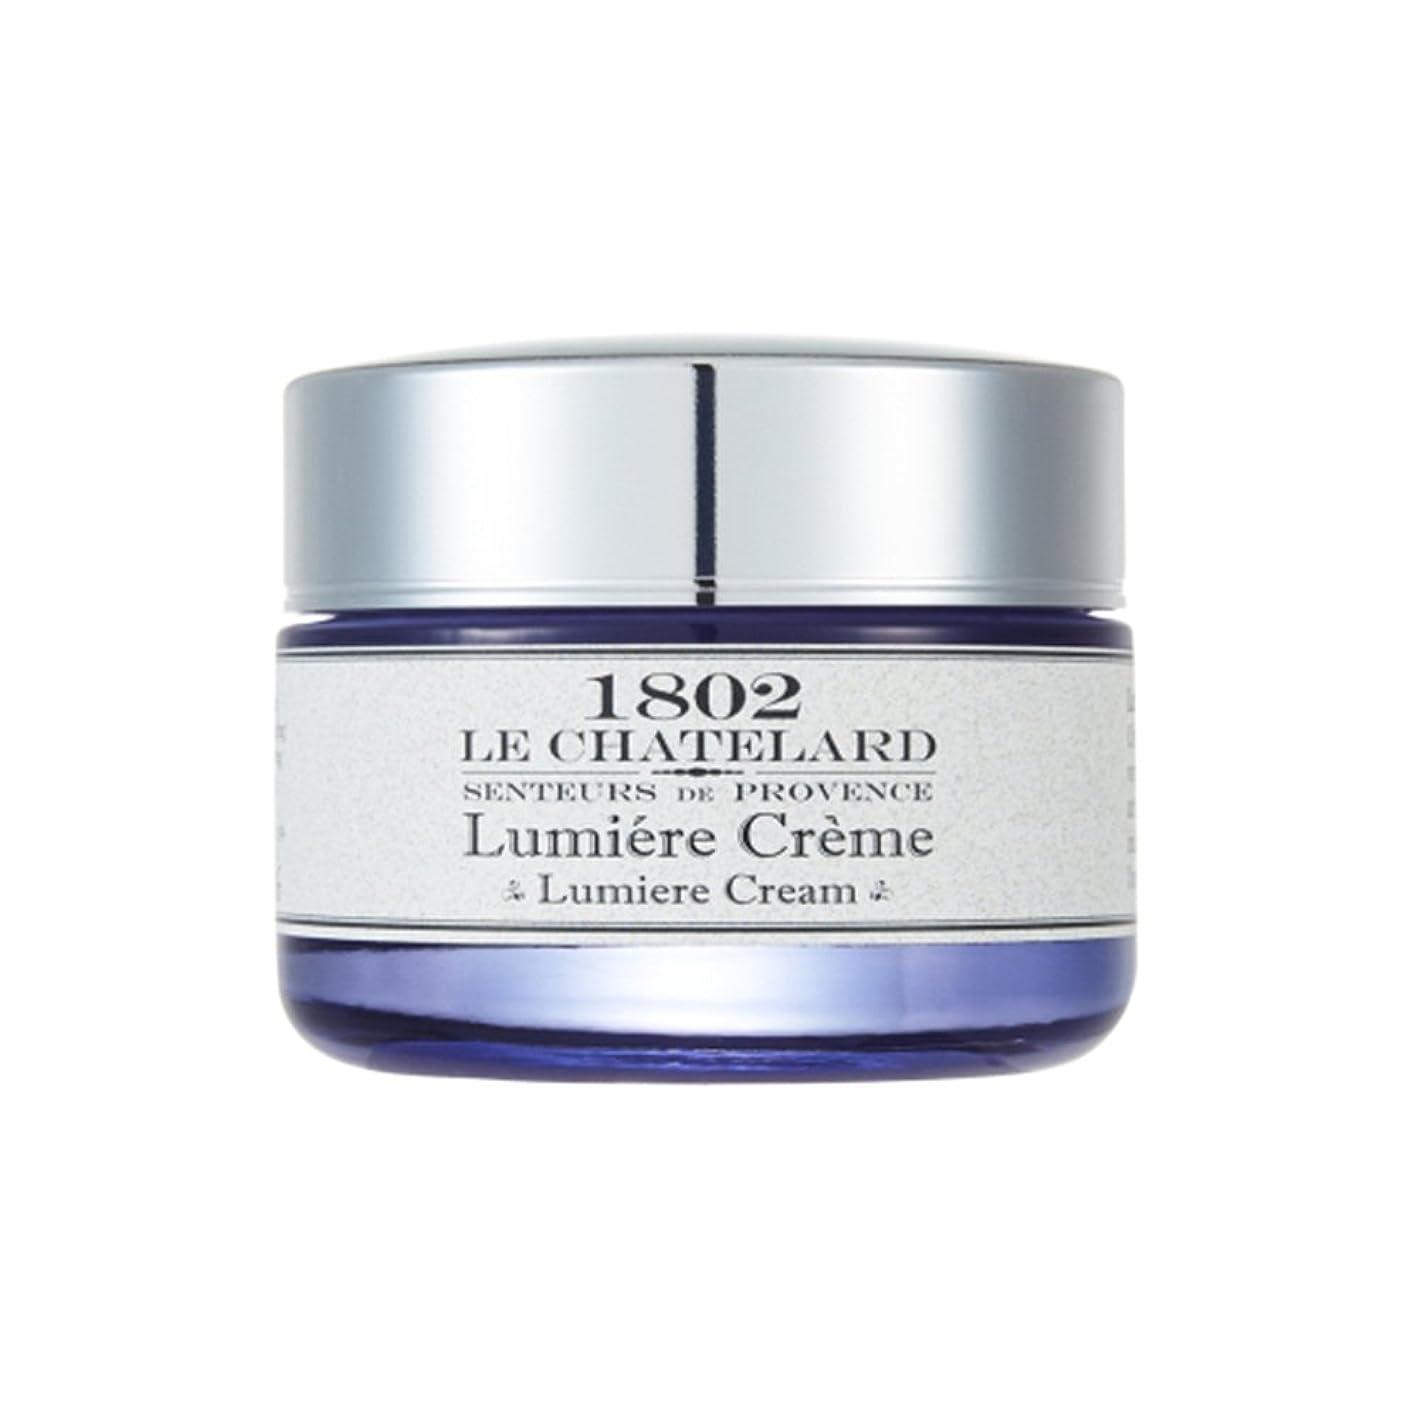 実質的バックアップ公園LE CHATELARD 1802 Lumiere Cream 50ml 838692693 (海外直配送)